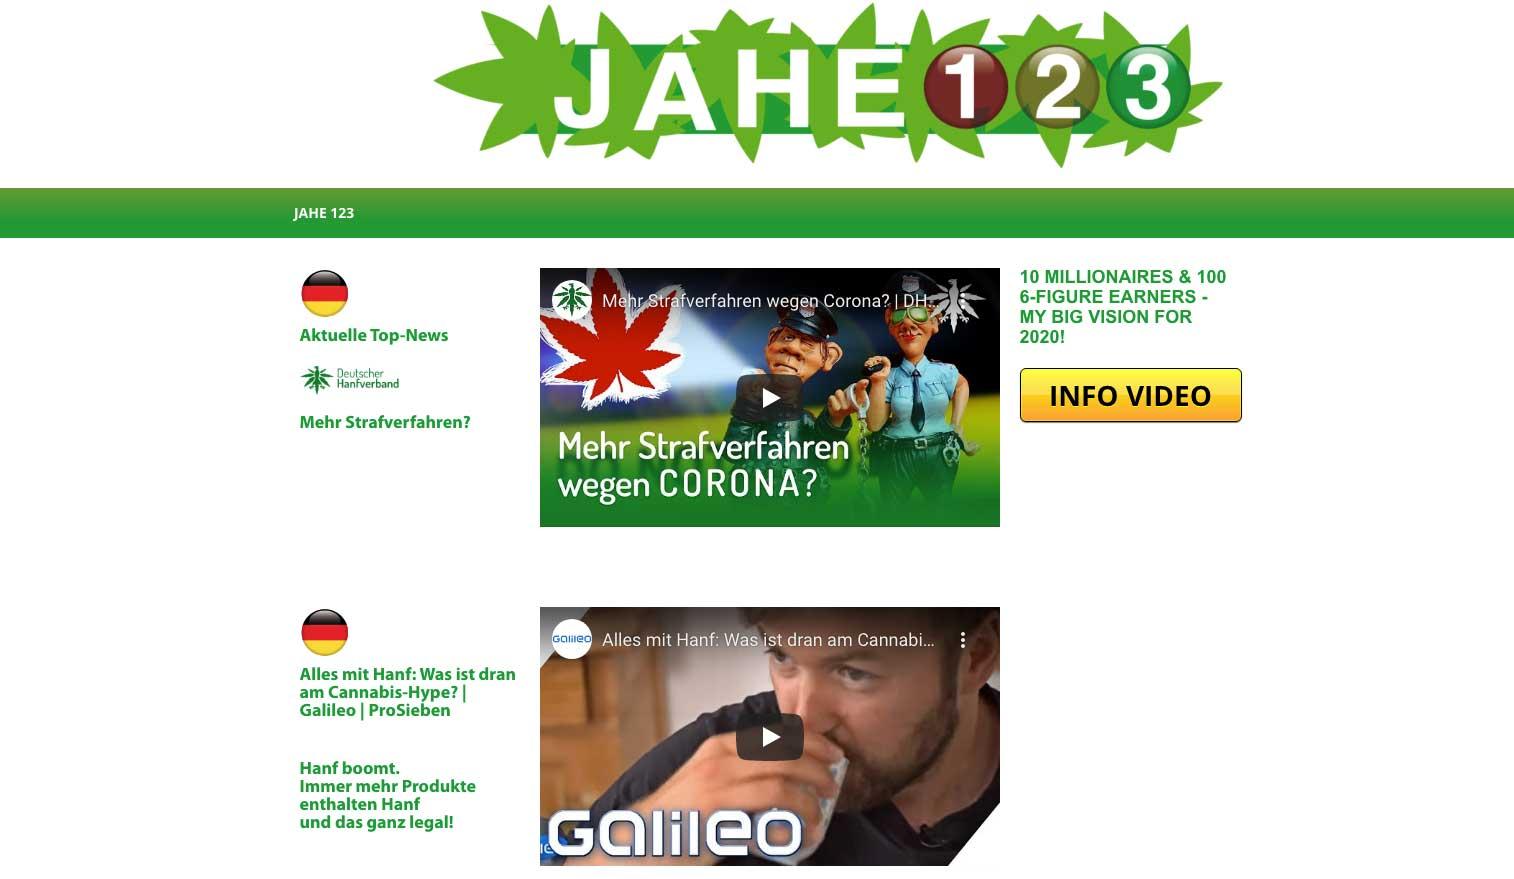 JAHE 123